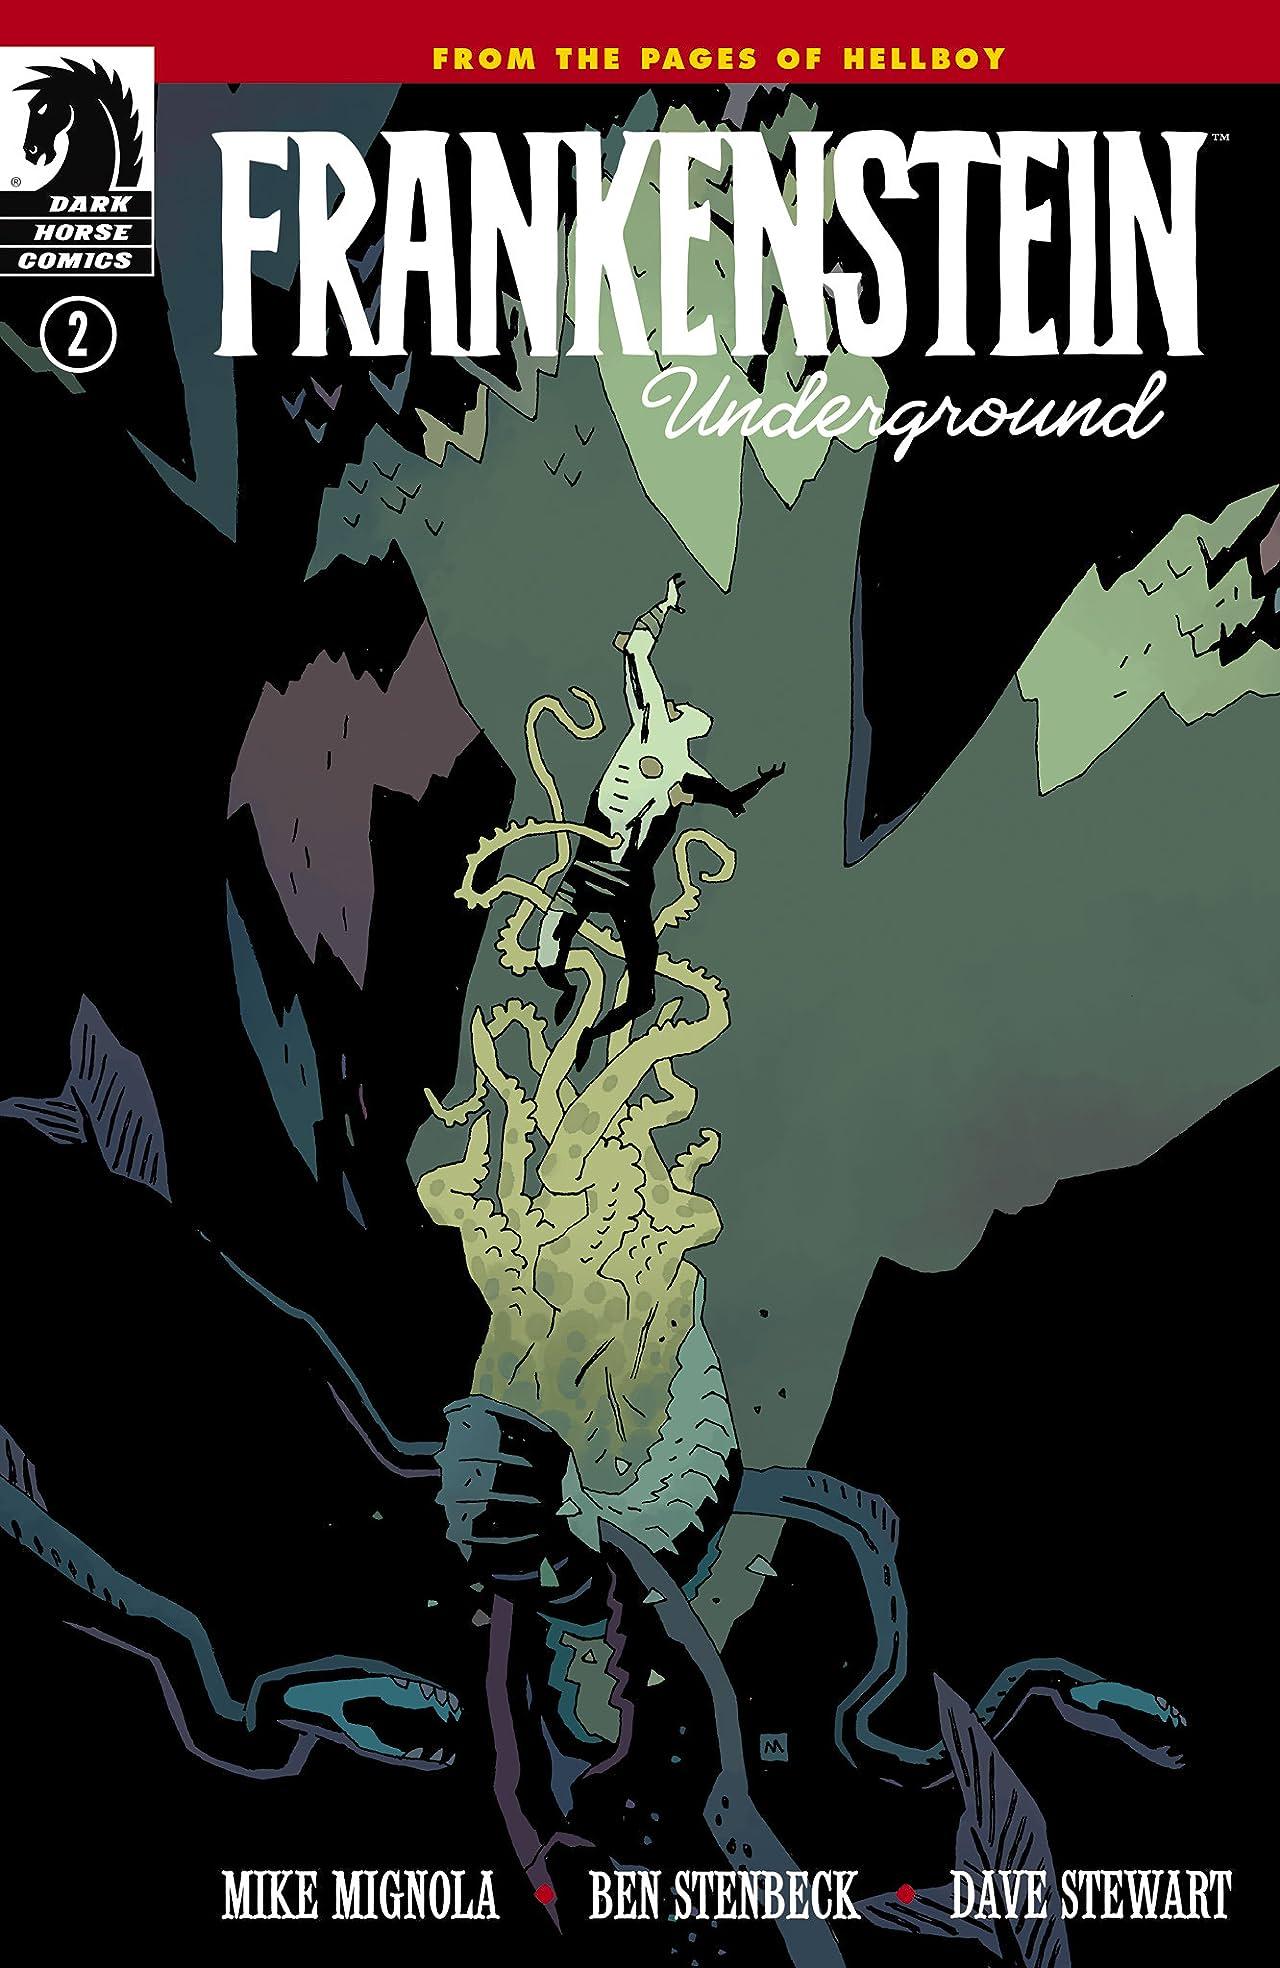 Frankenstein Underground #2